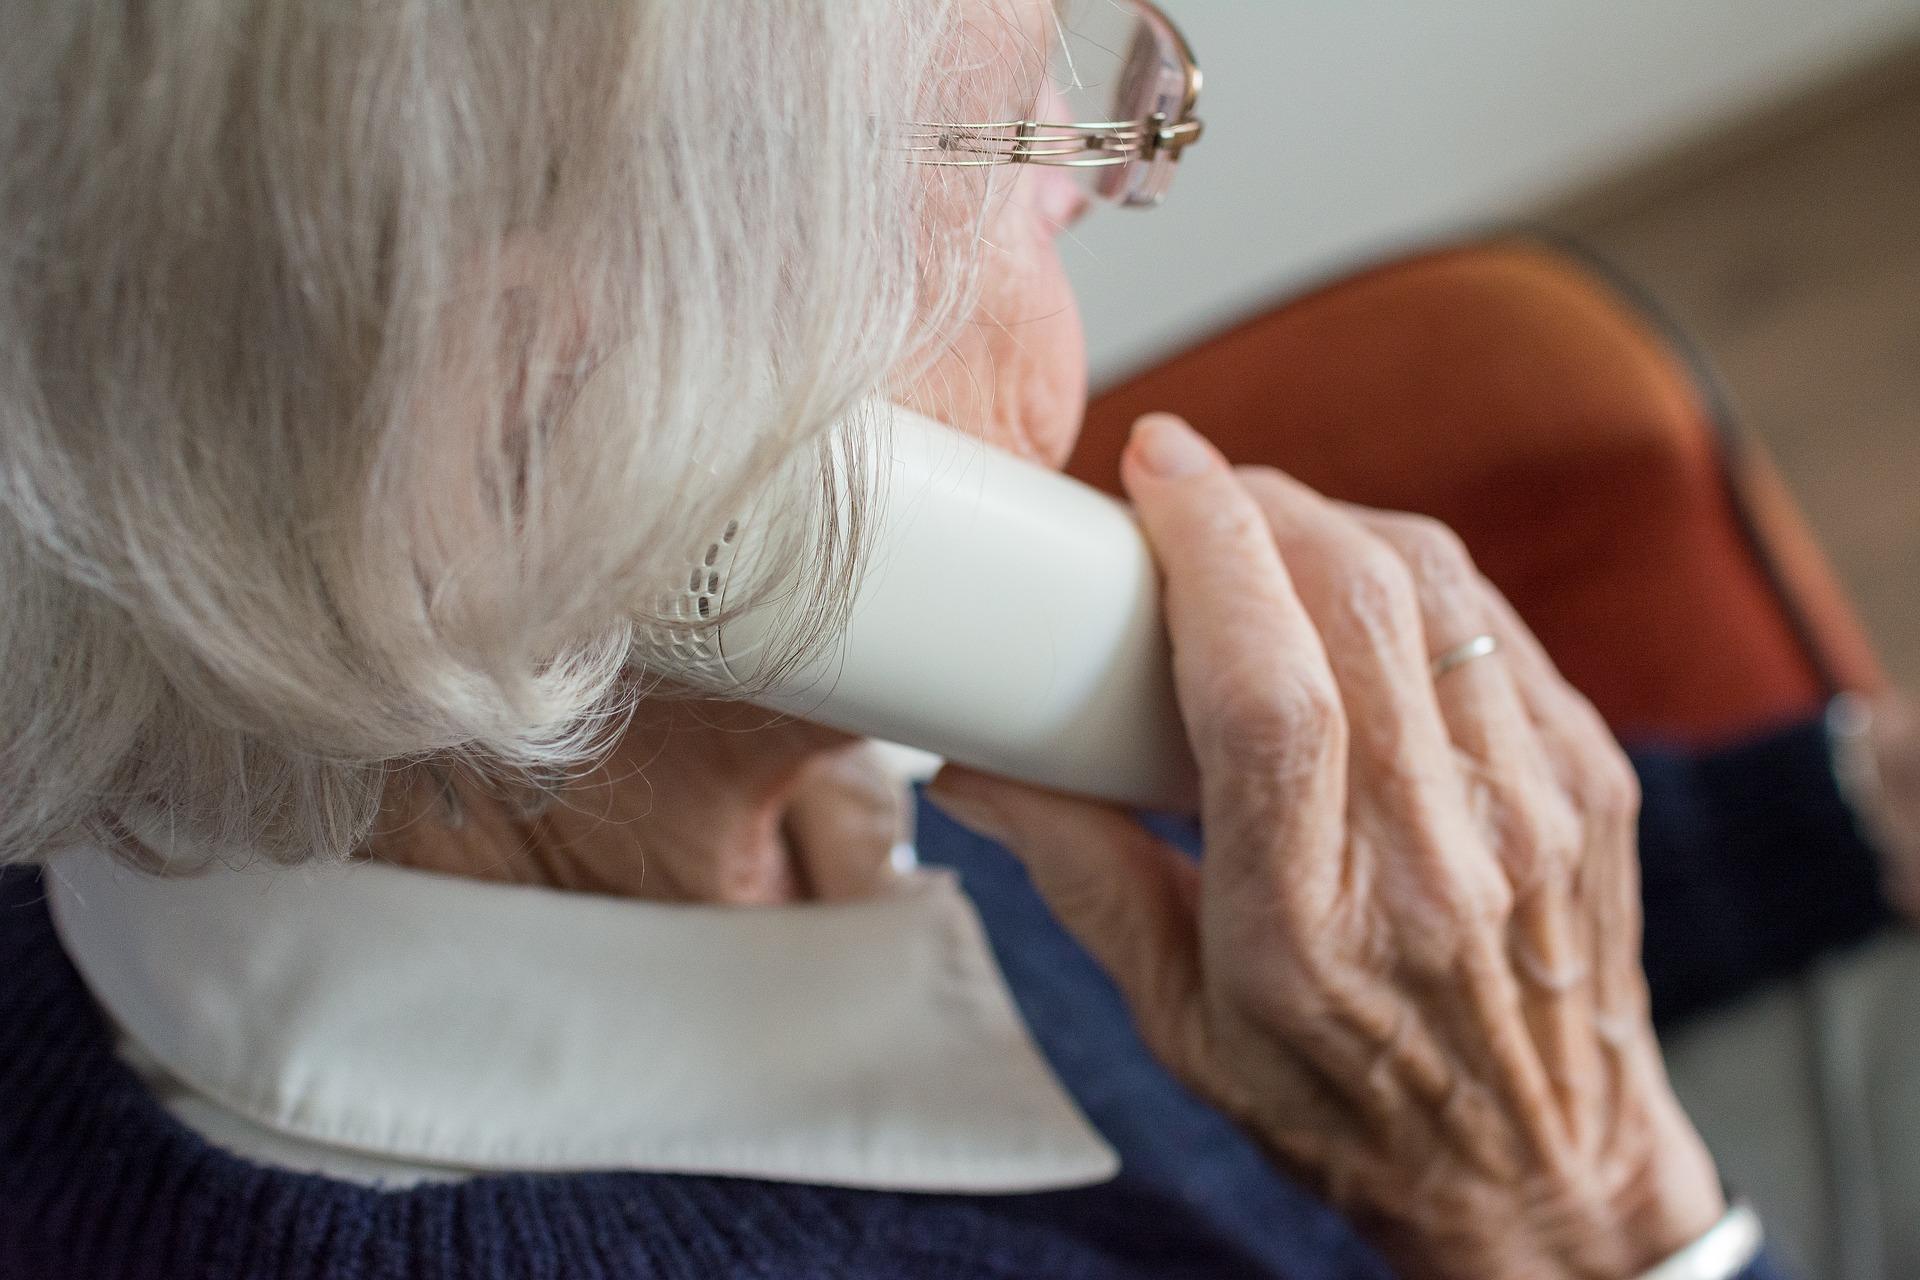 Opolscy seniorzy nie dali się nabrać oszustom działającym metodą na wnuczka i policjanta